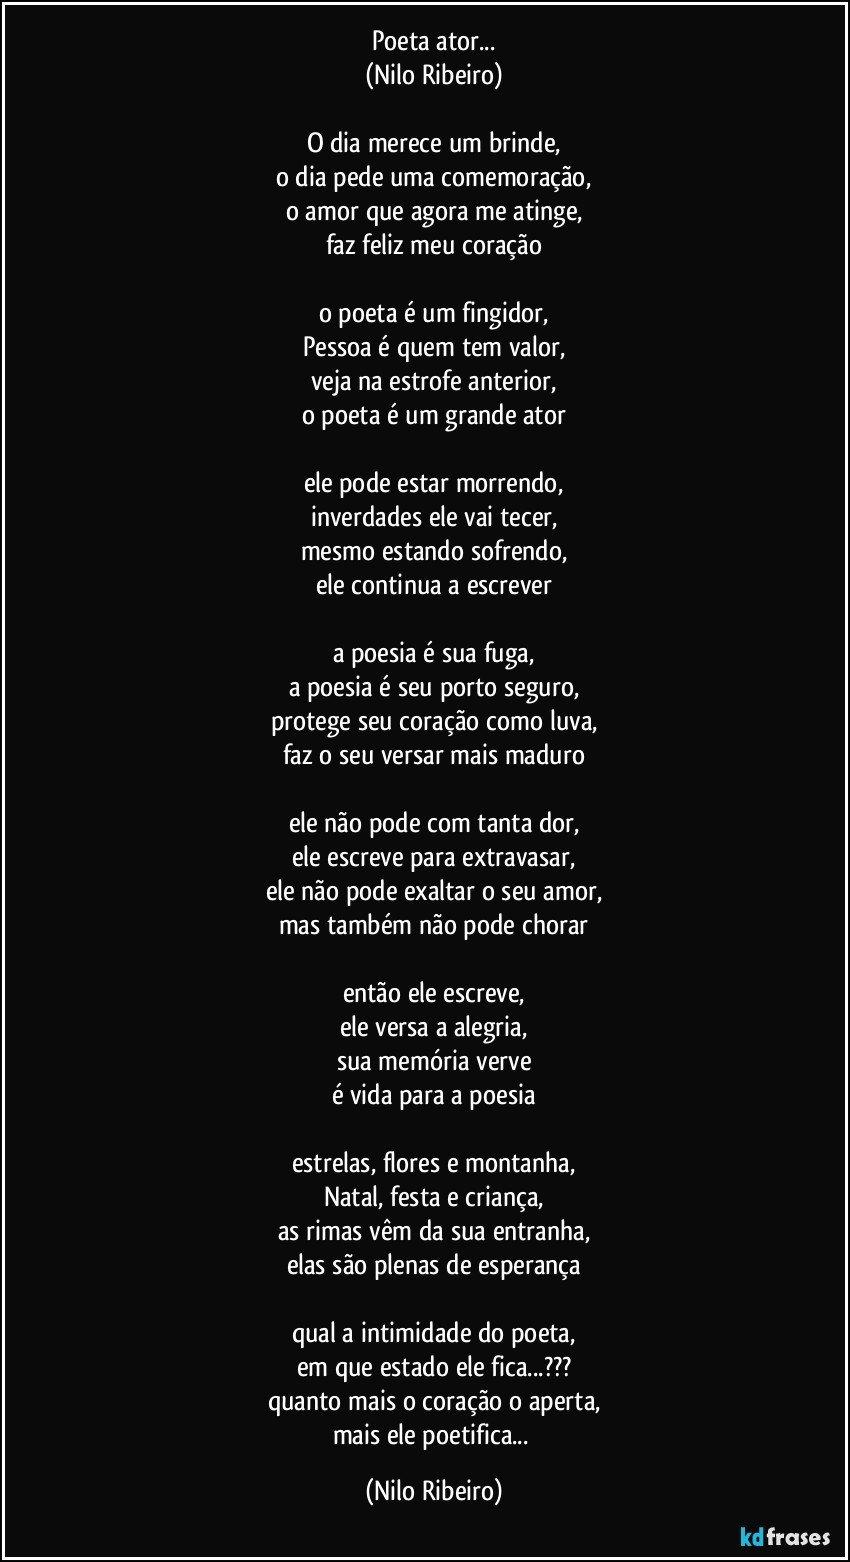 Poeta Ator Nilo Ribeiro O Dia Merece Um Brinde O Dia Pede